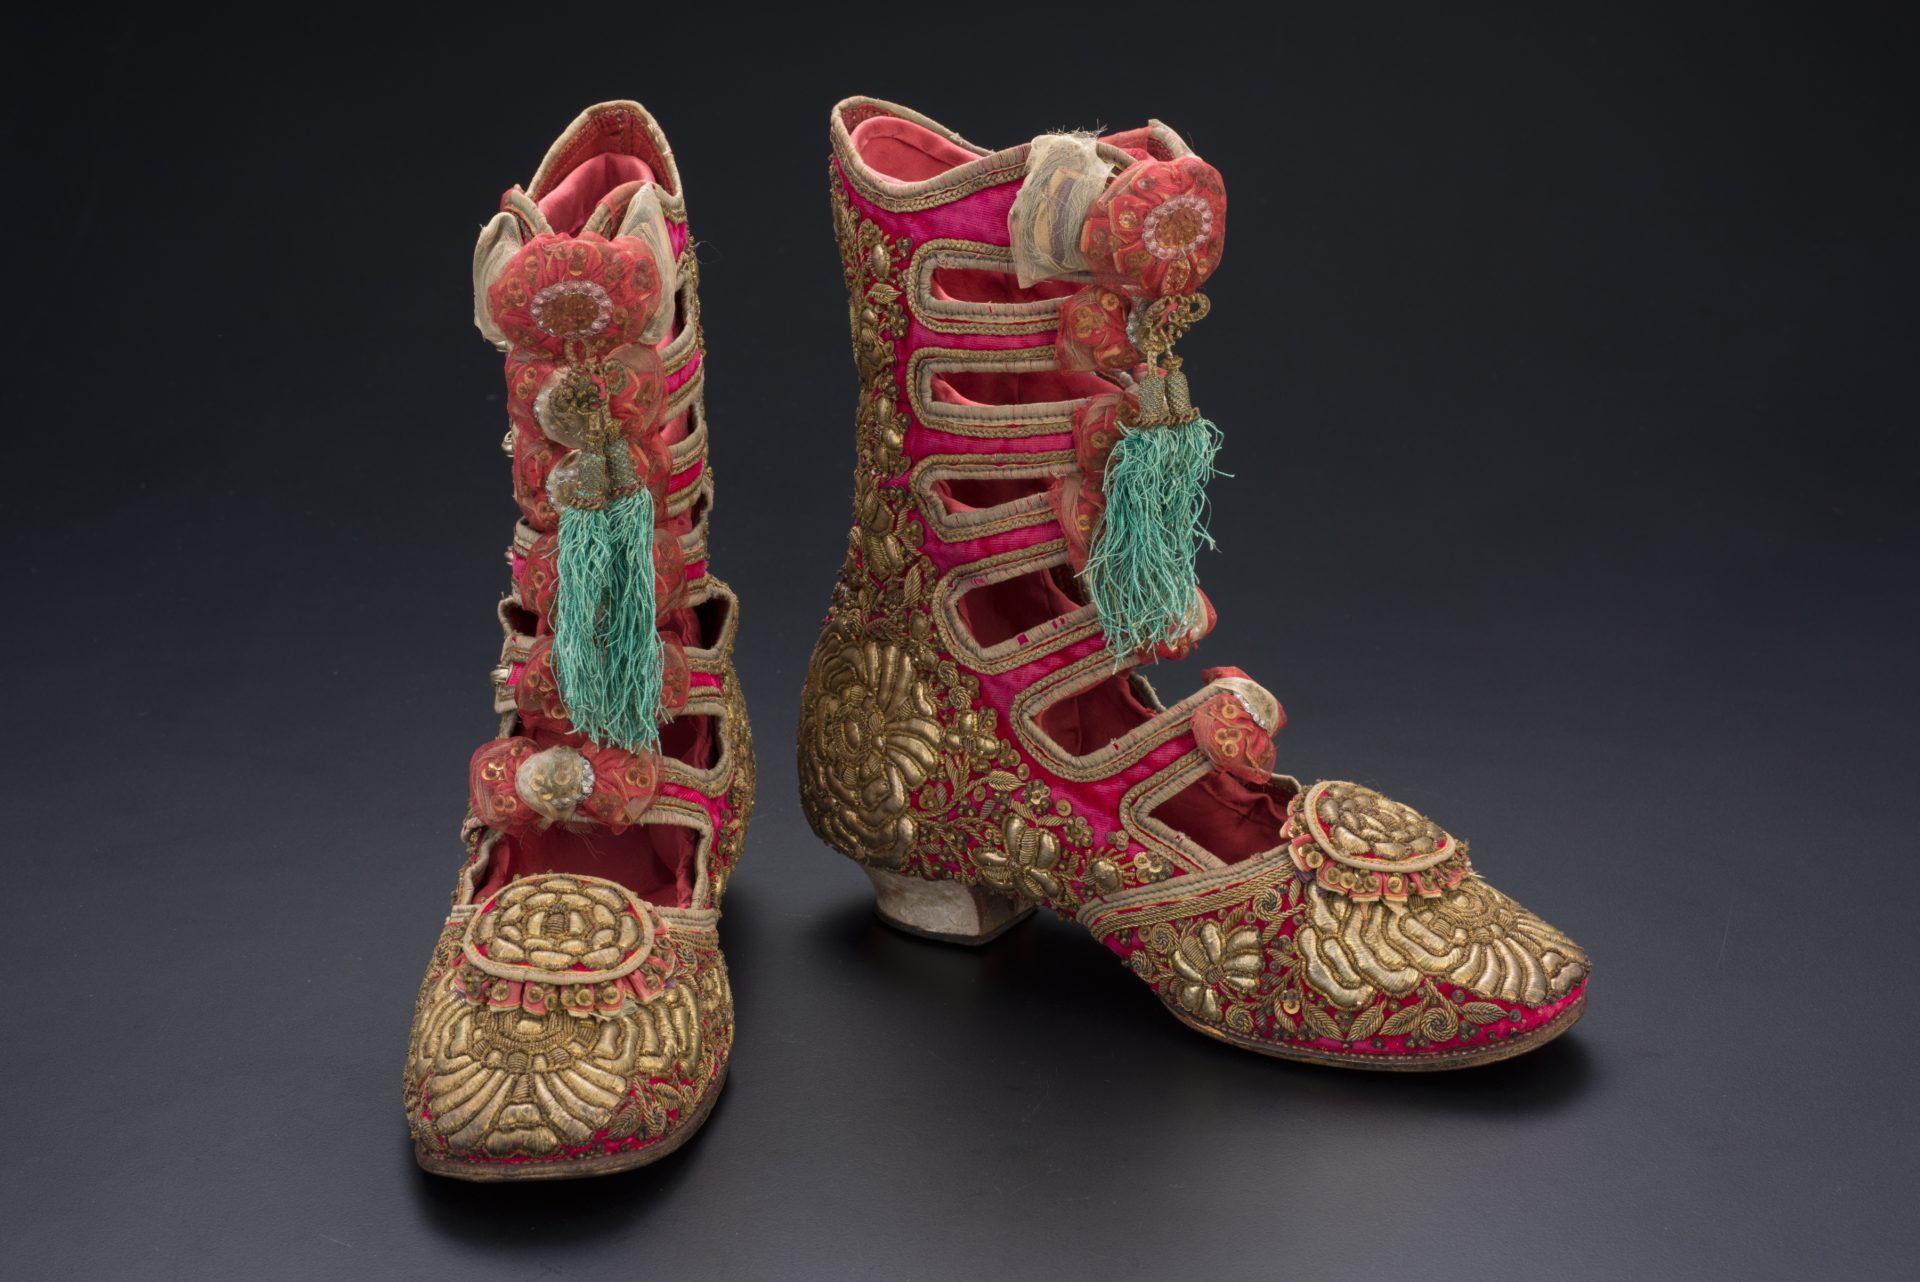 【亞太博物館連線專欄】娘惹珠飾及刺繡—文化轉譯的創意流動